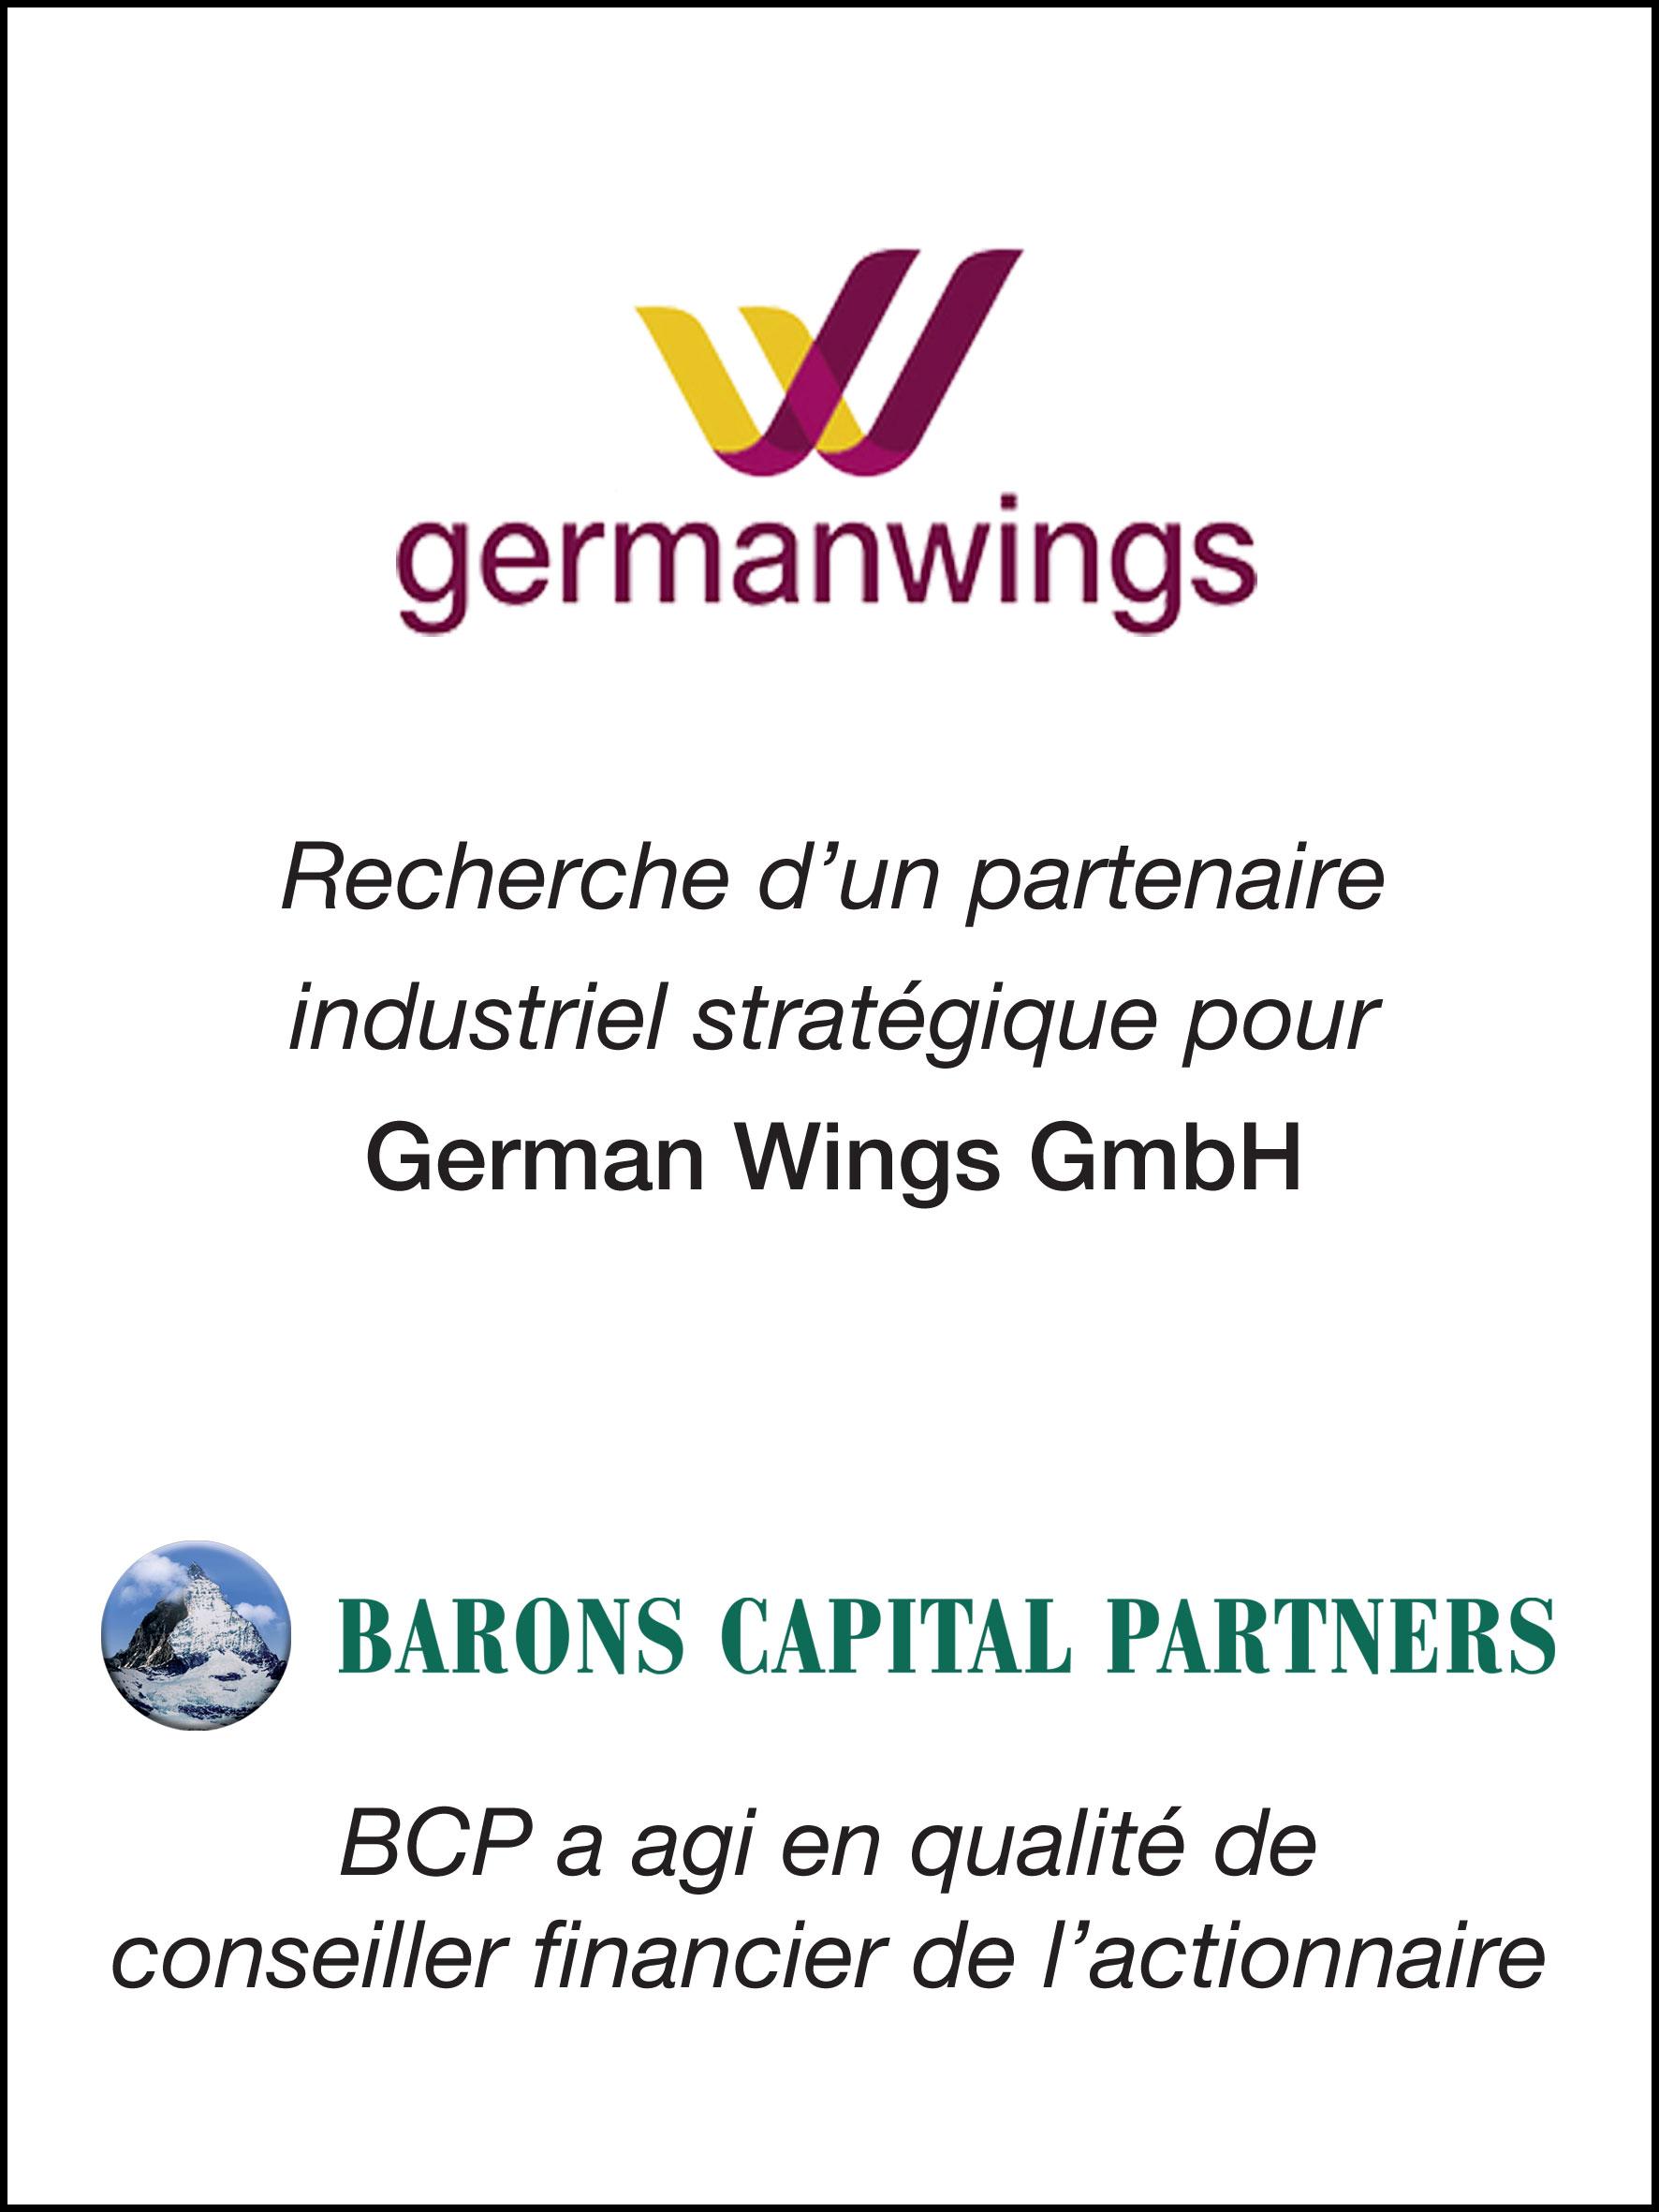 26_German Wings GmbH_F